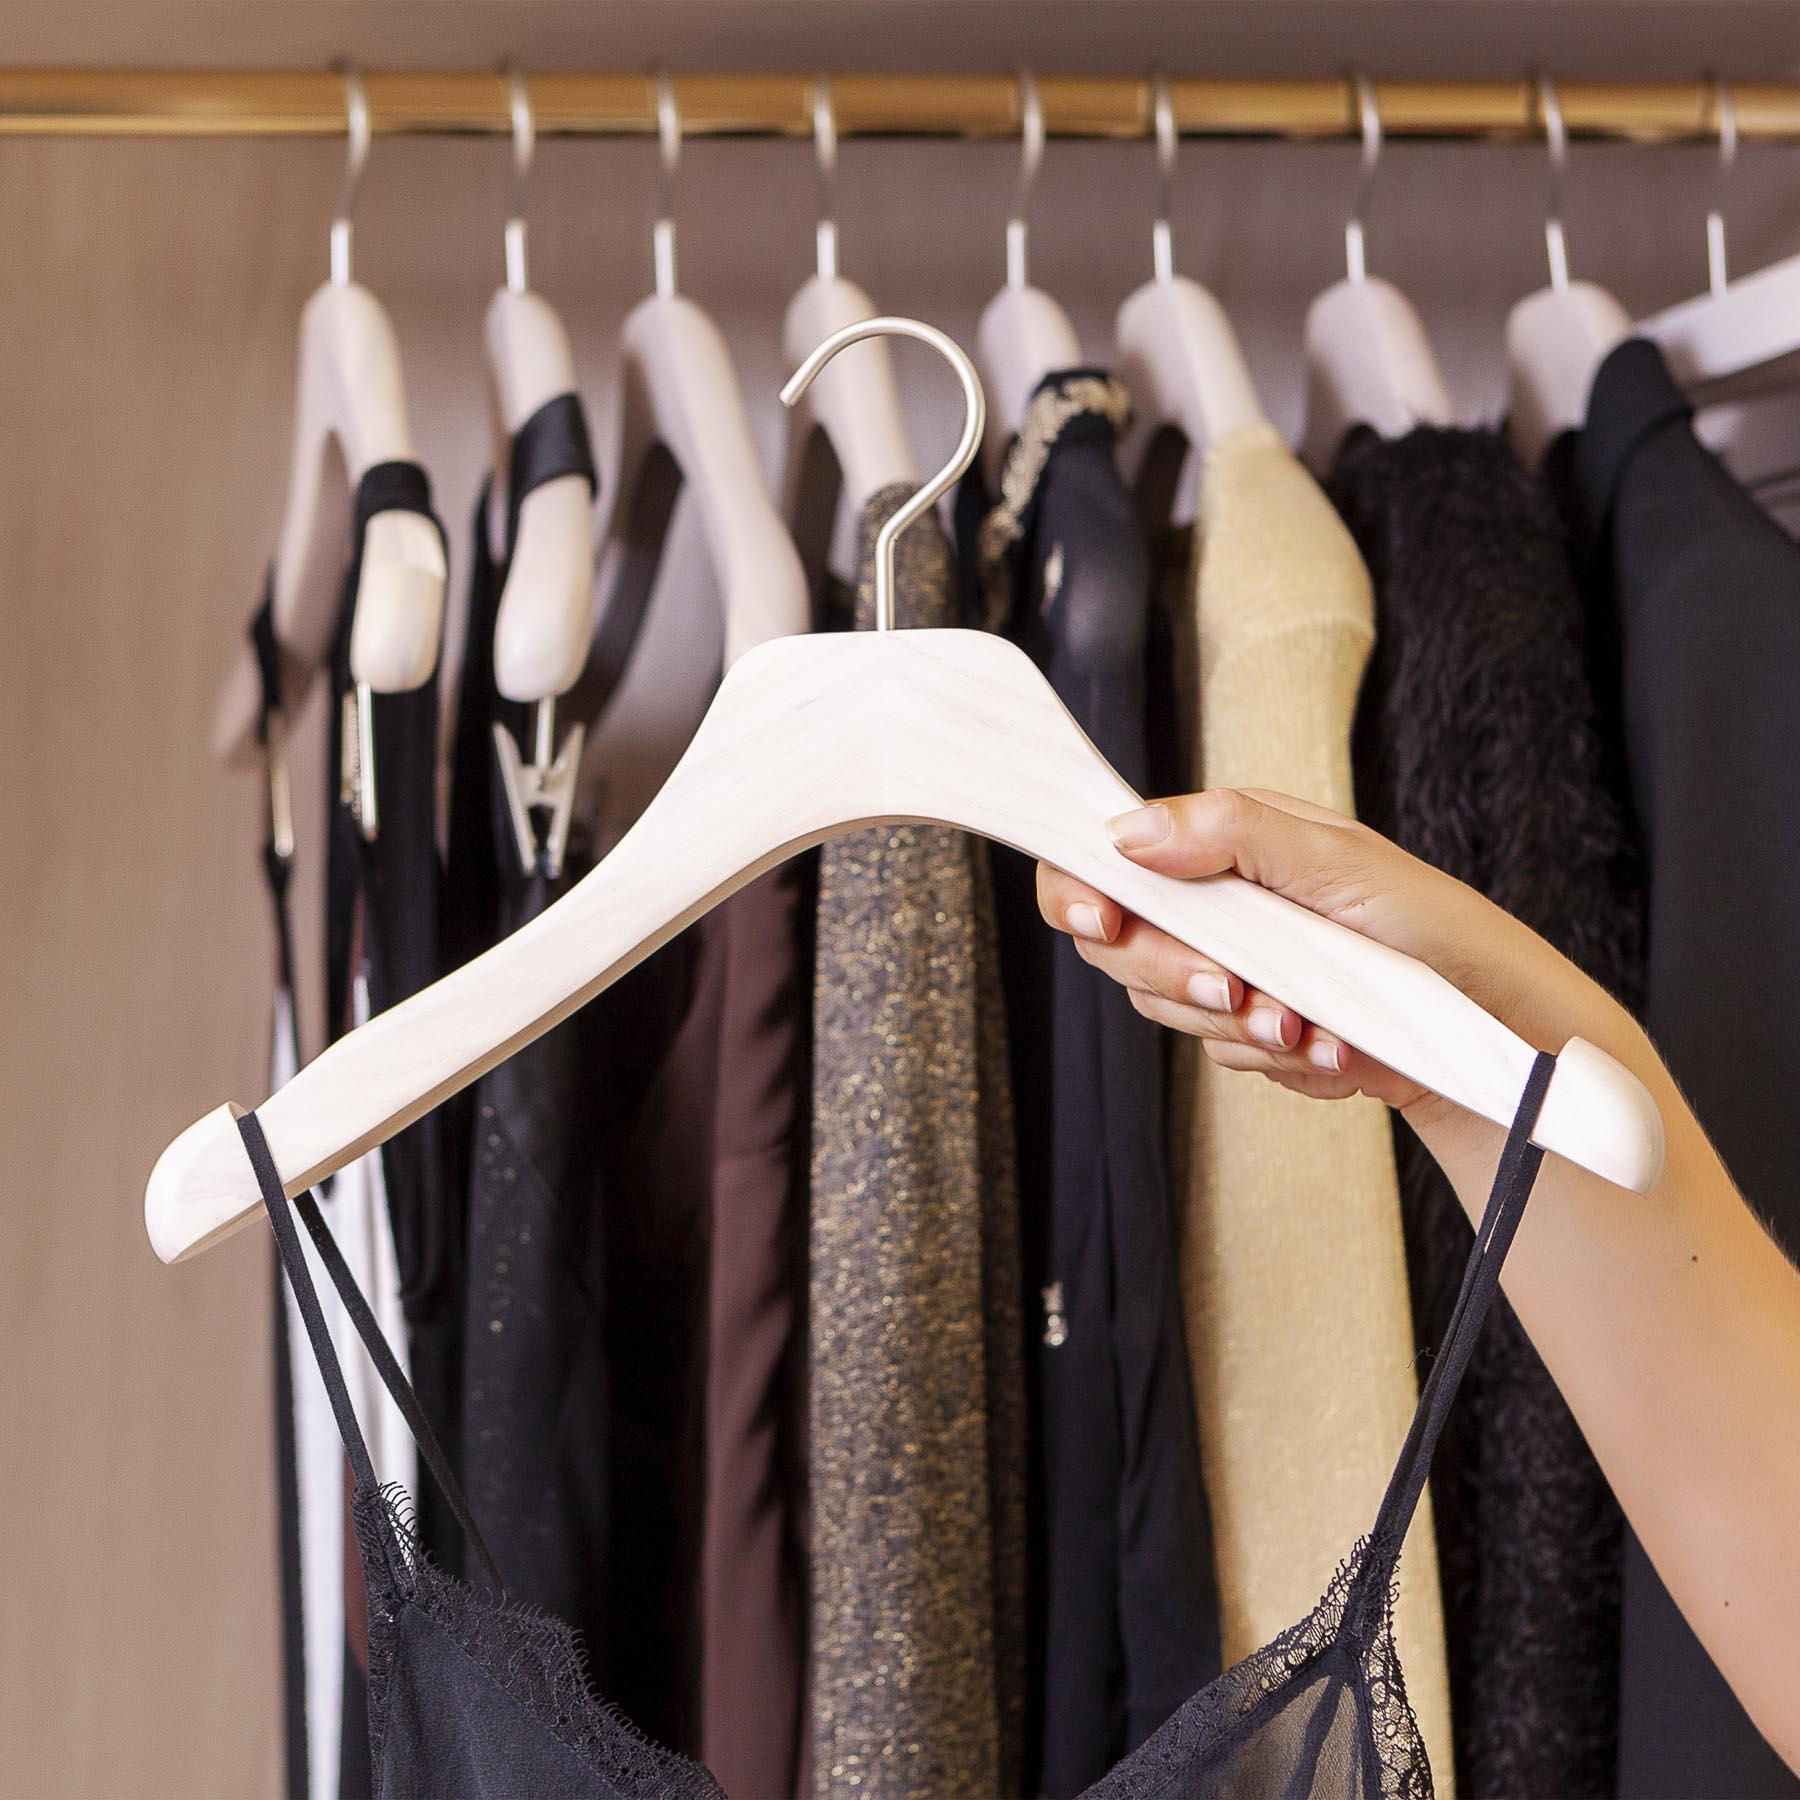 10 perchas de madera con muescas para vestidos y tirantes - Color blanco patinado